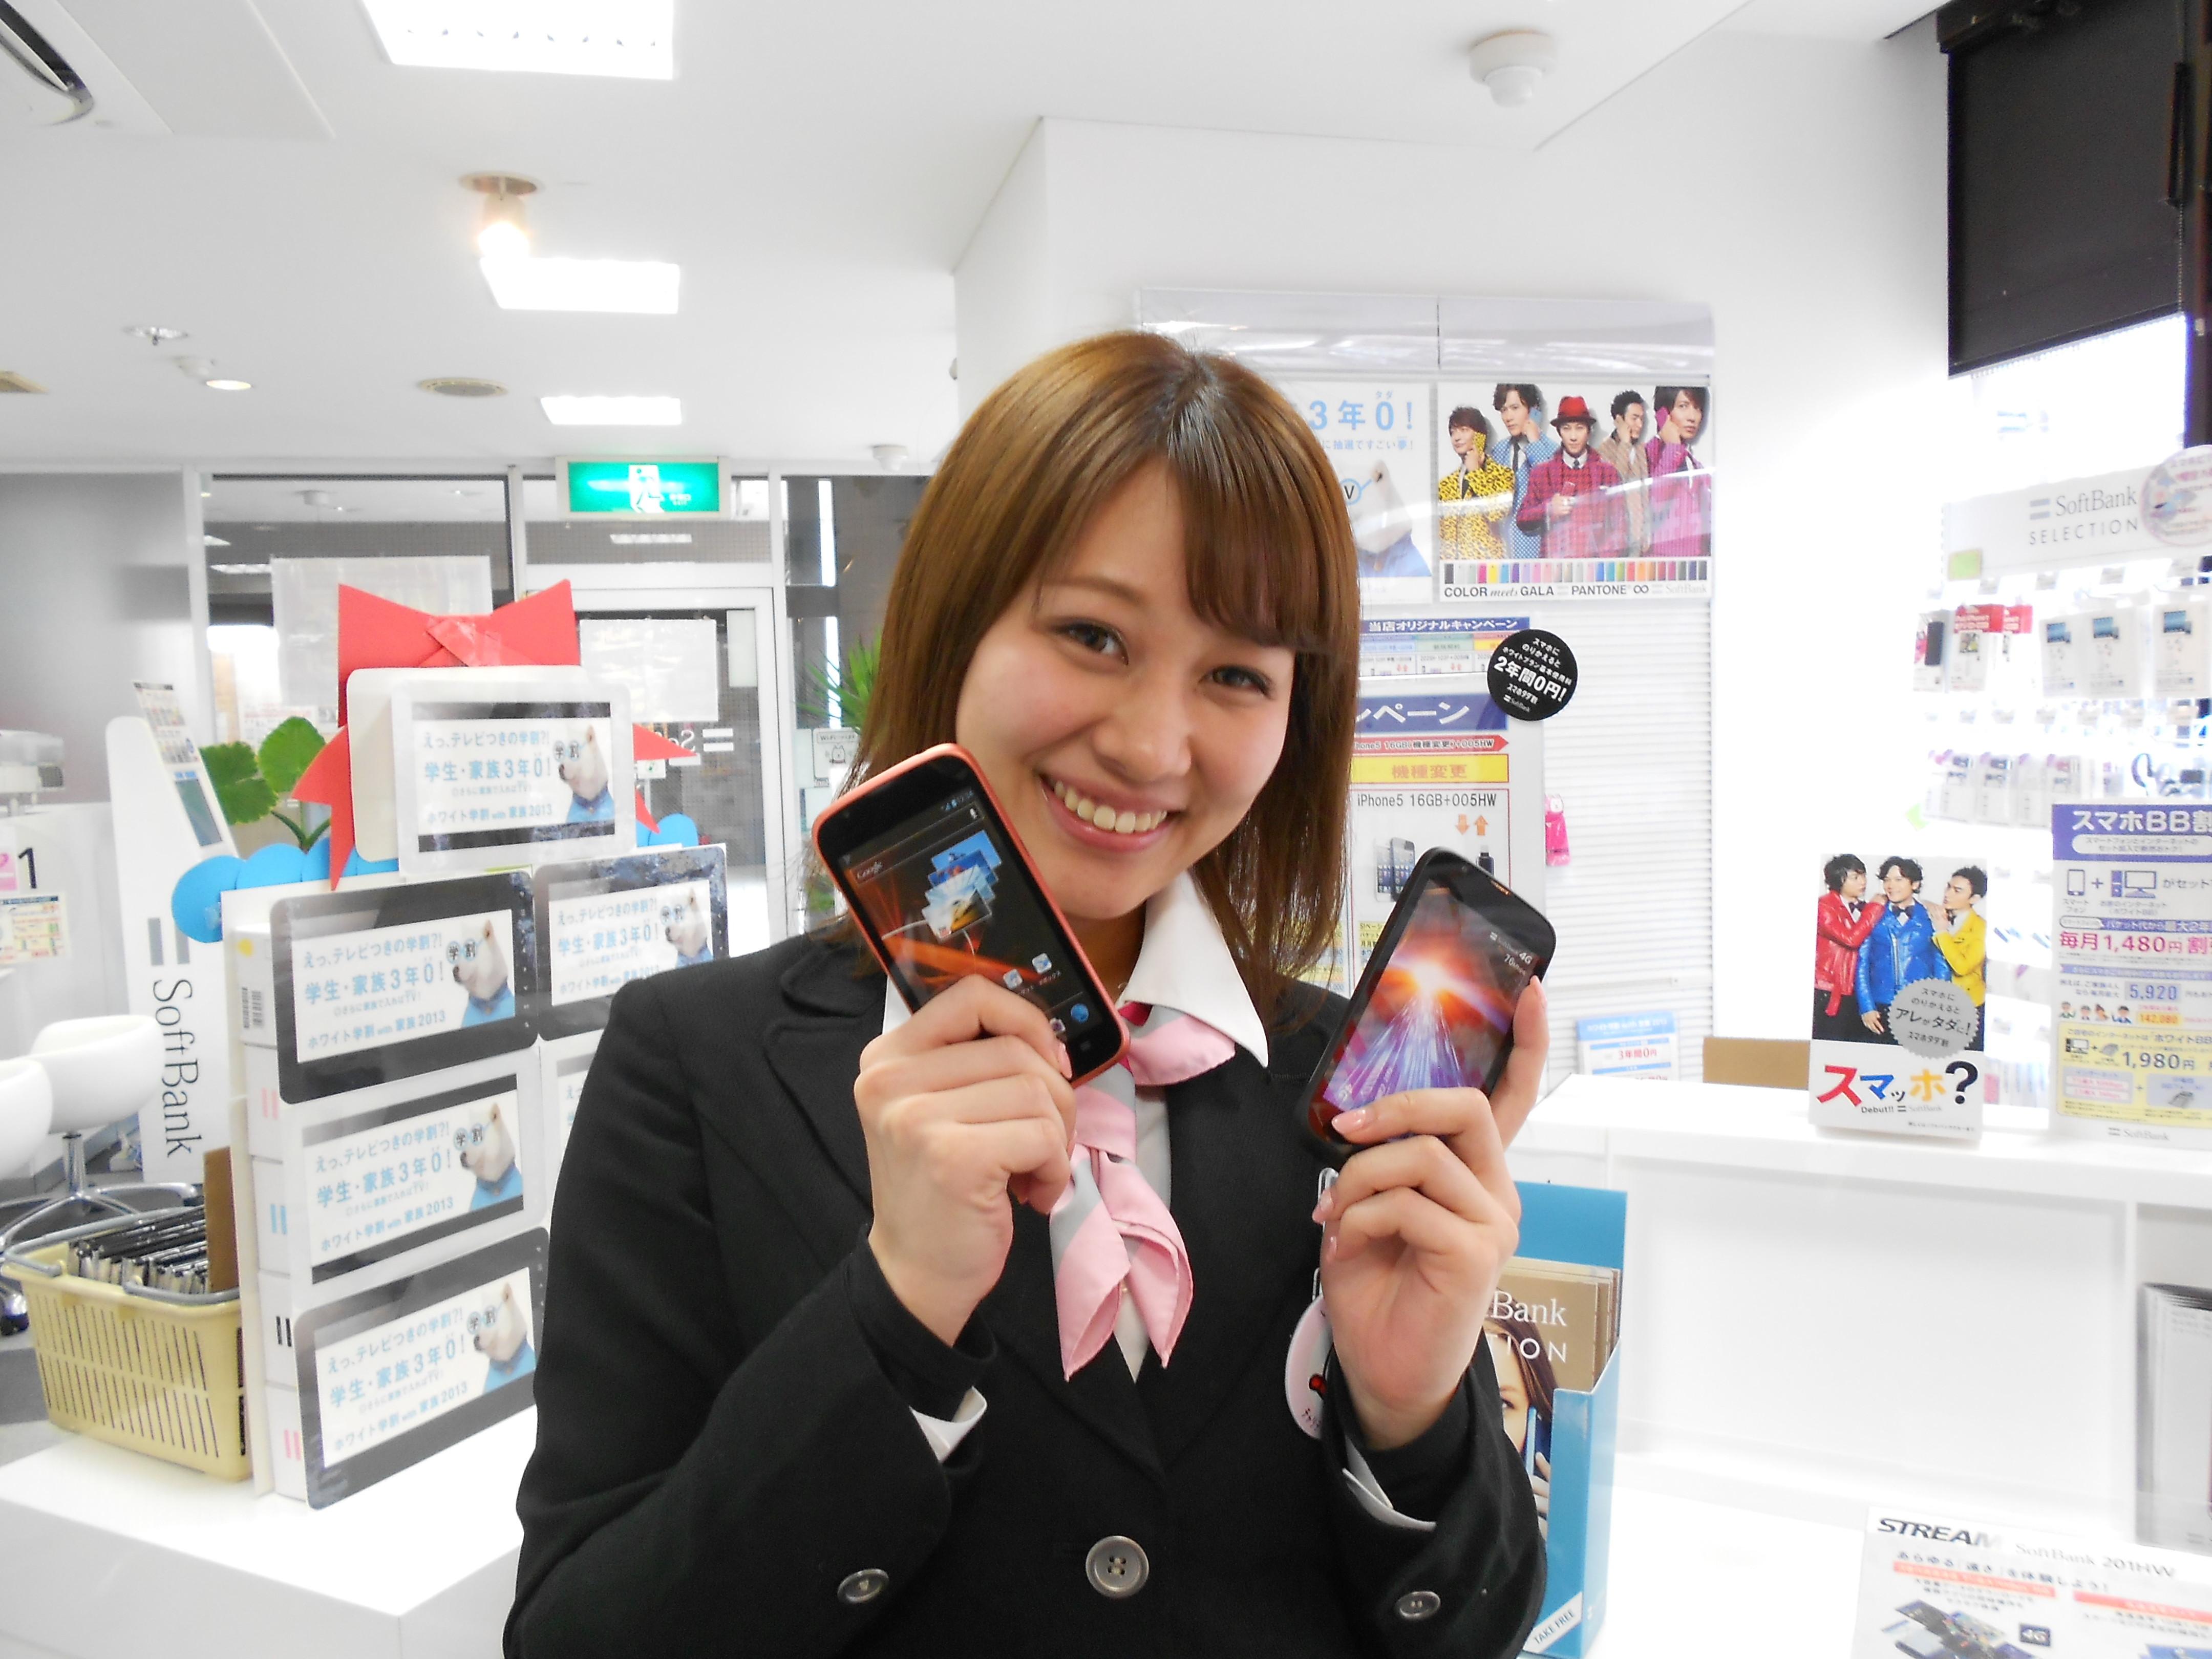 ワイモバイル 瑞江駅前(株式会社シエロ)のアルバイト情報